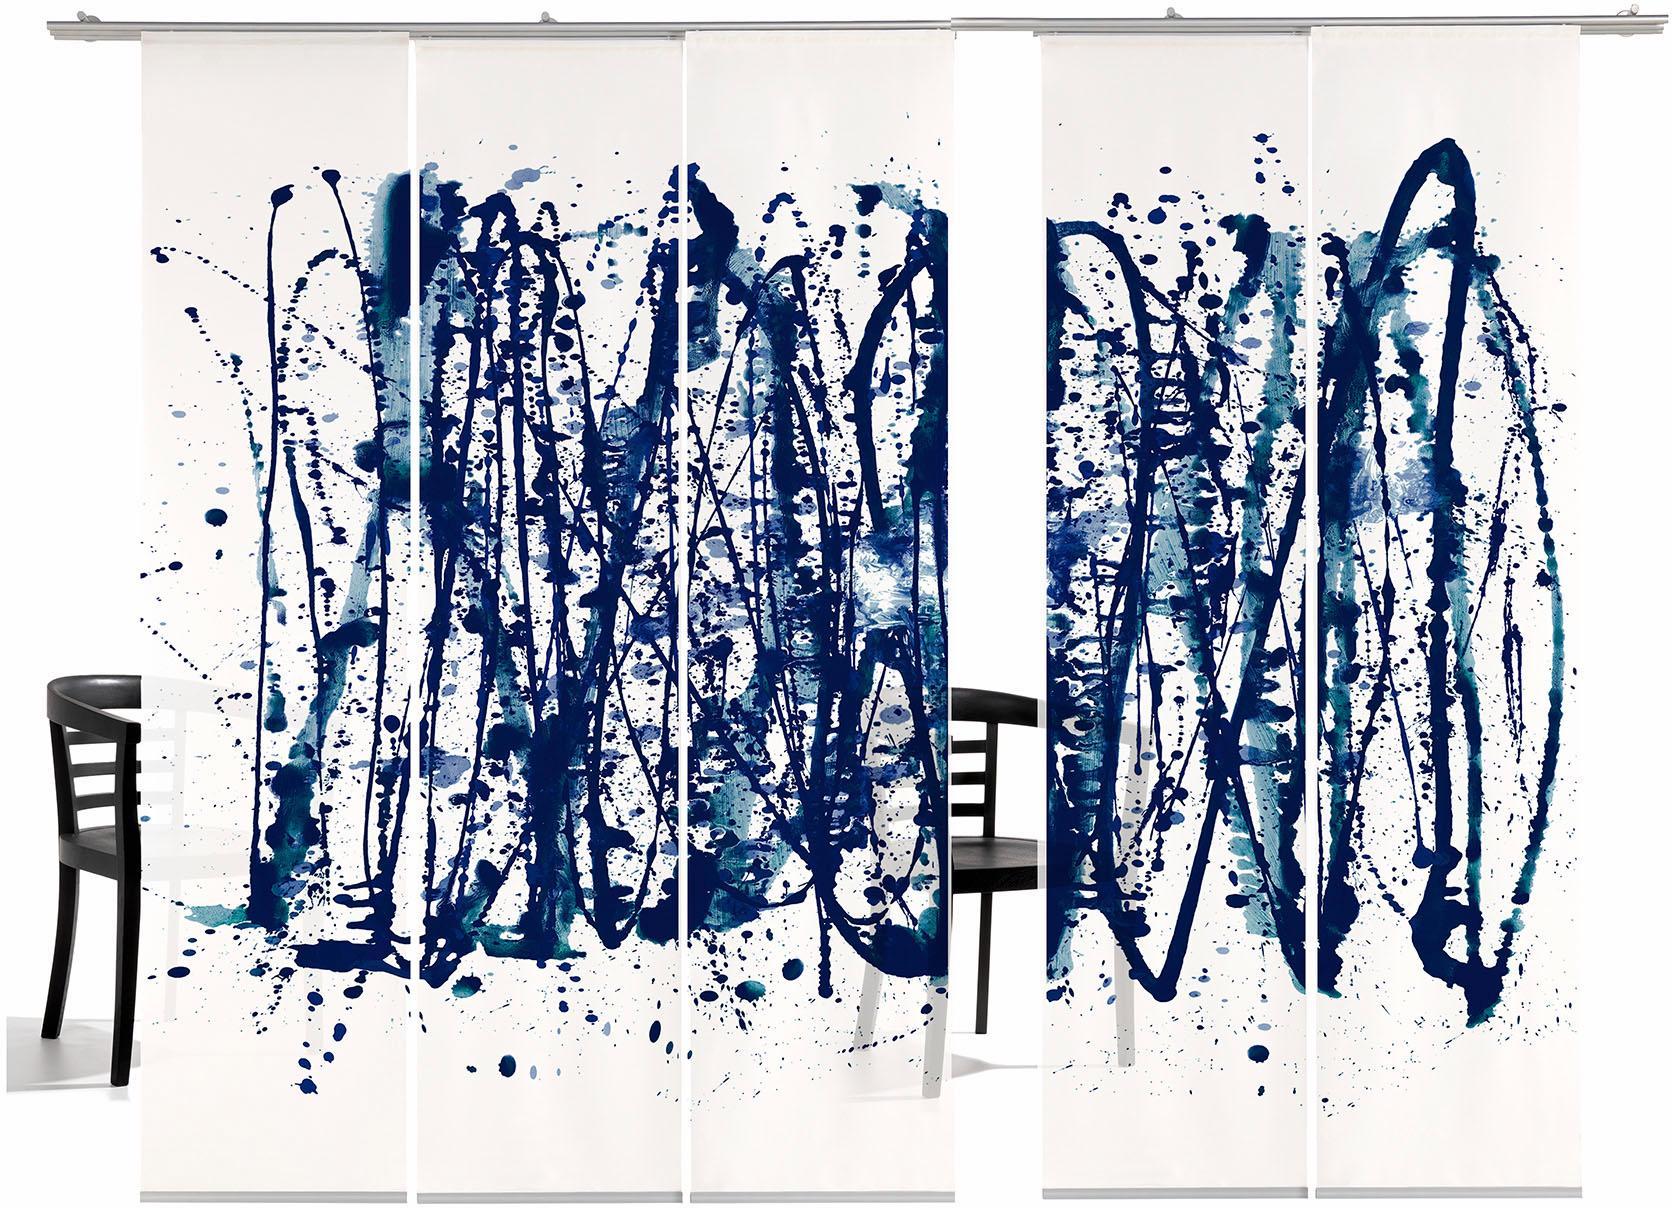 Schiebegardine emotion textiles Ala Polock T mit Klettband (5 Stück mit Zubehör)